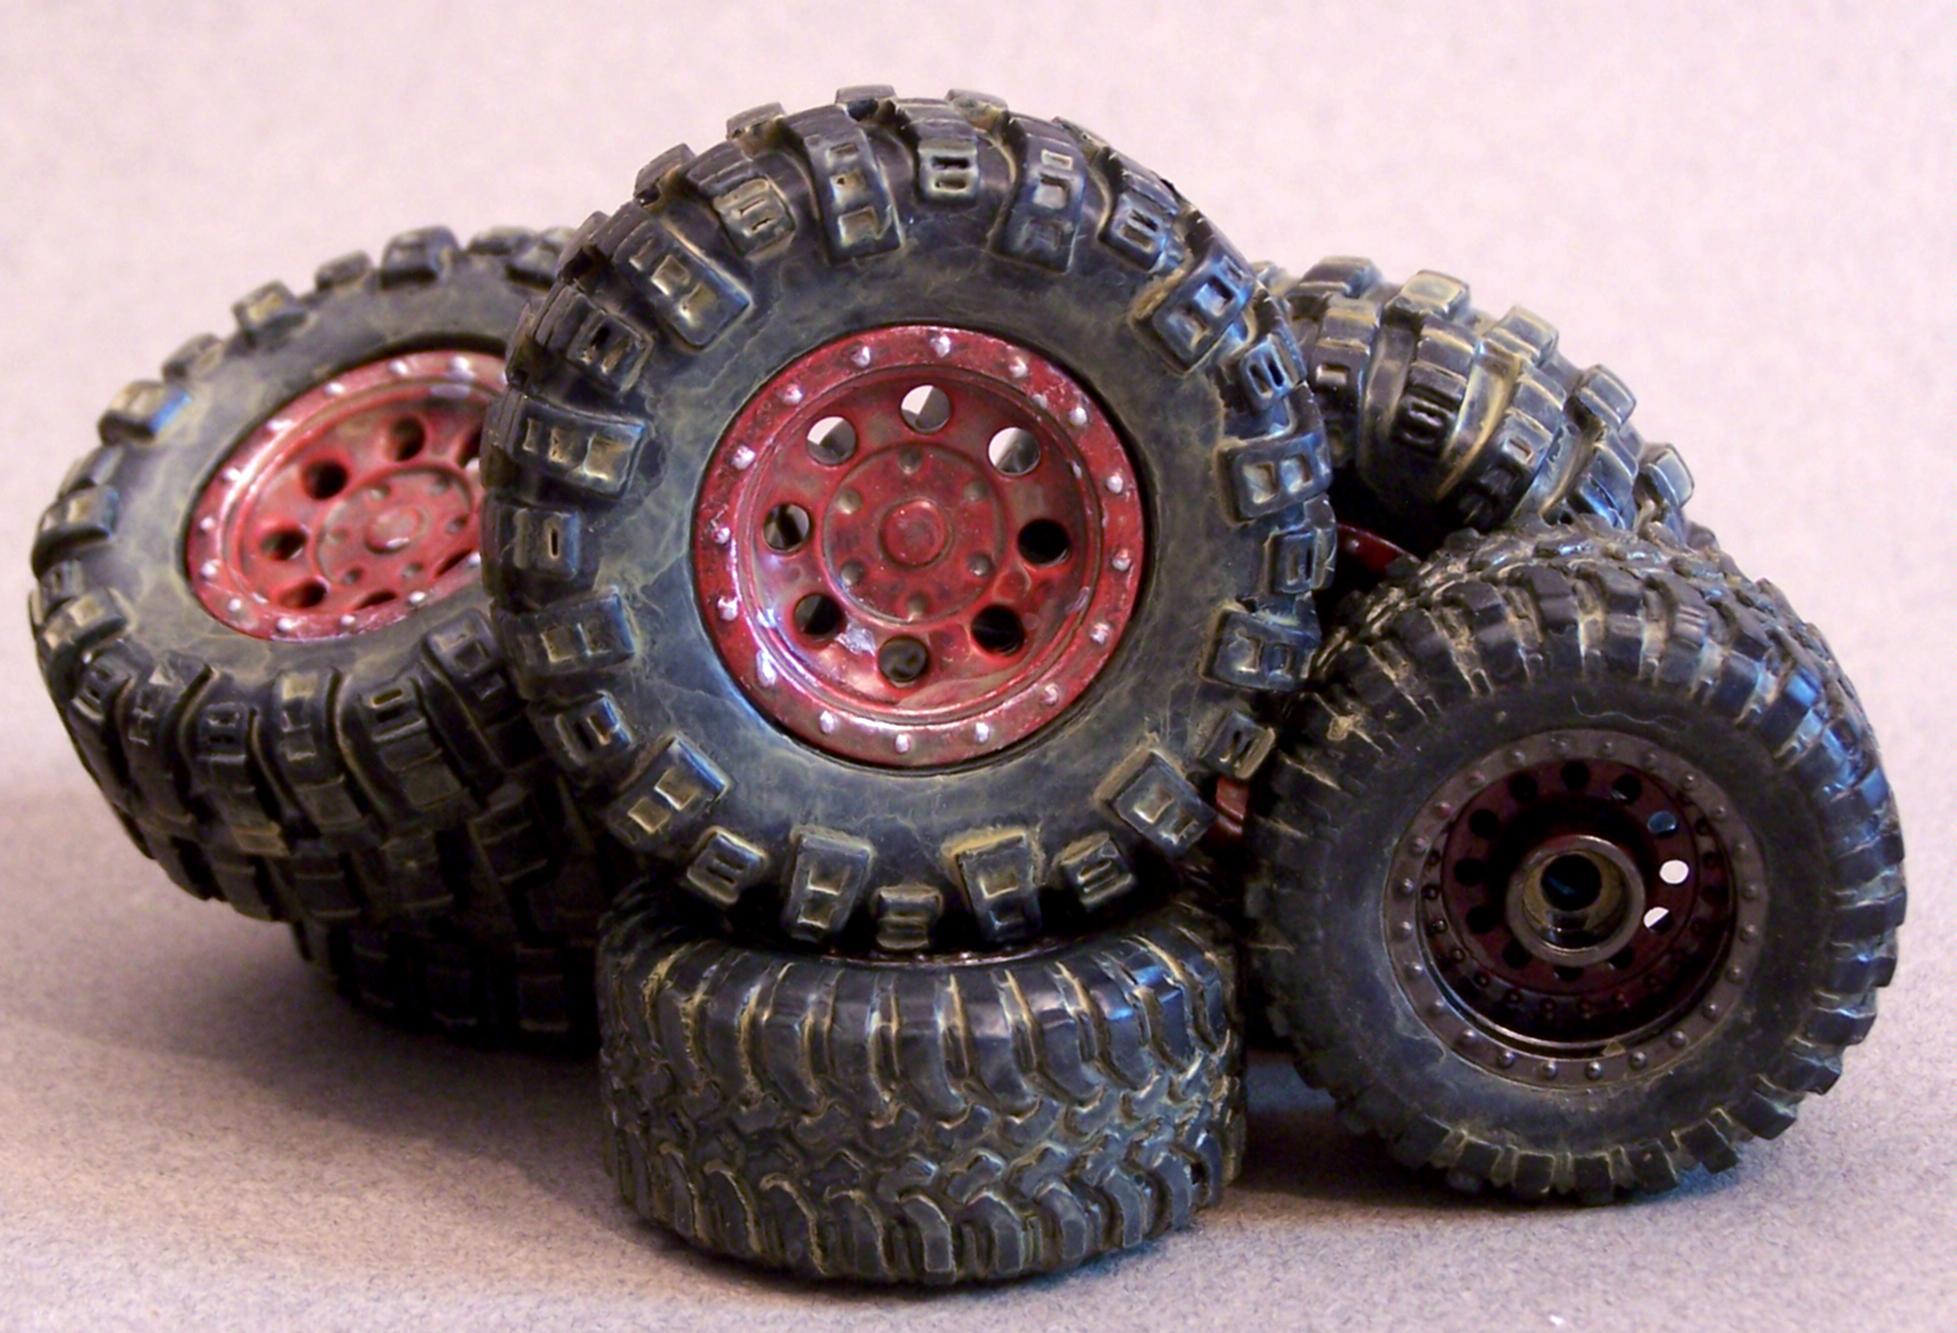 Orks, Tires, Waaagh!!!, Waaagh%21%21%21